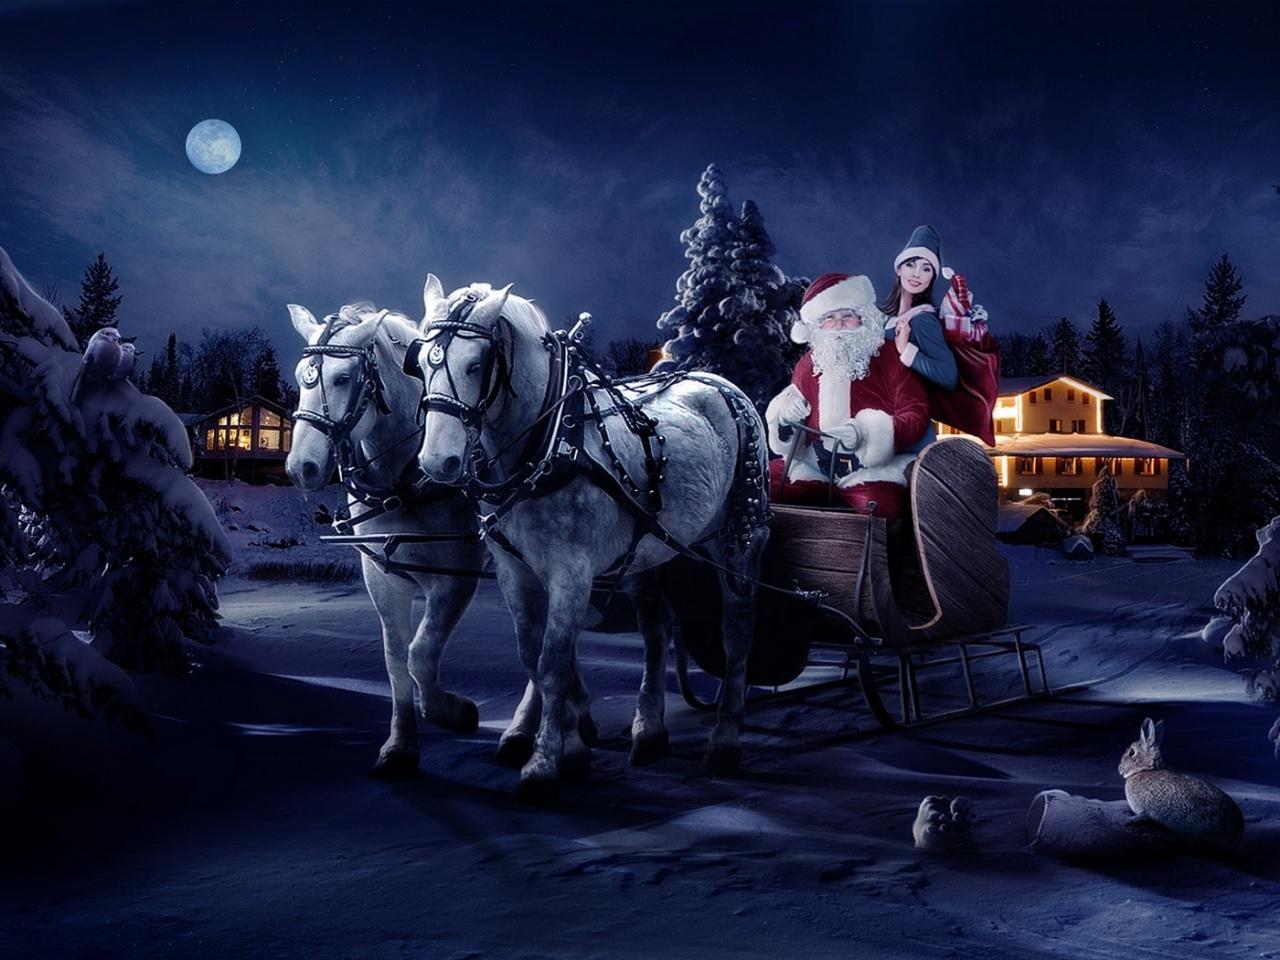 3d шпалери Дід Мороз і снігуронька їдуть на санях розвозити подарунки 1280х960, Шпалери hq